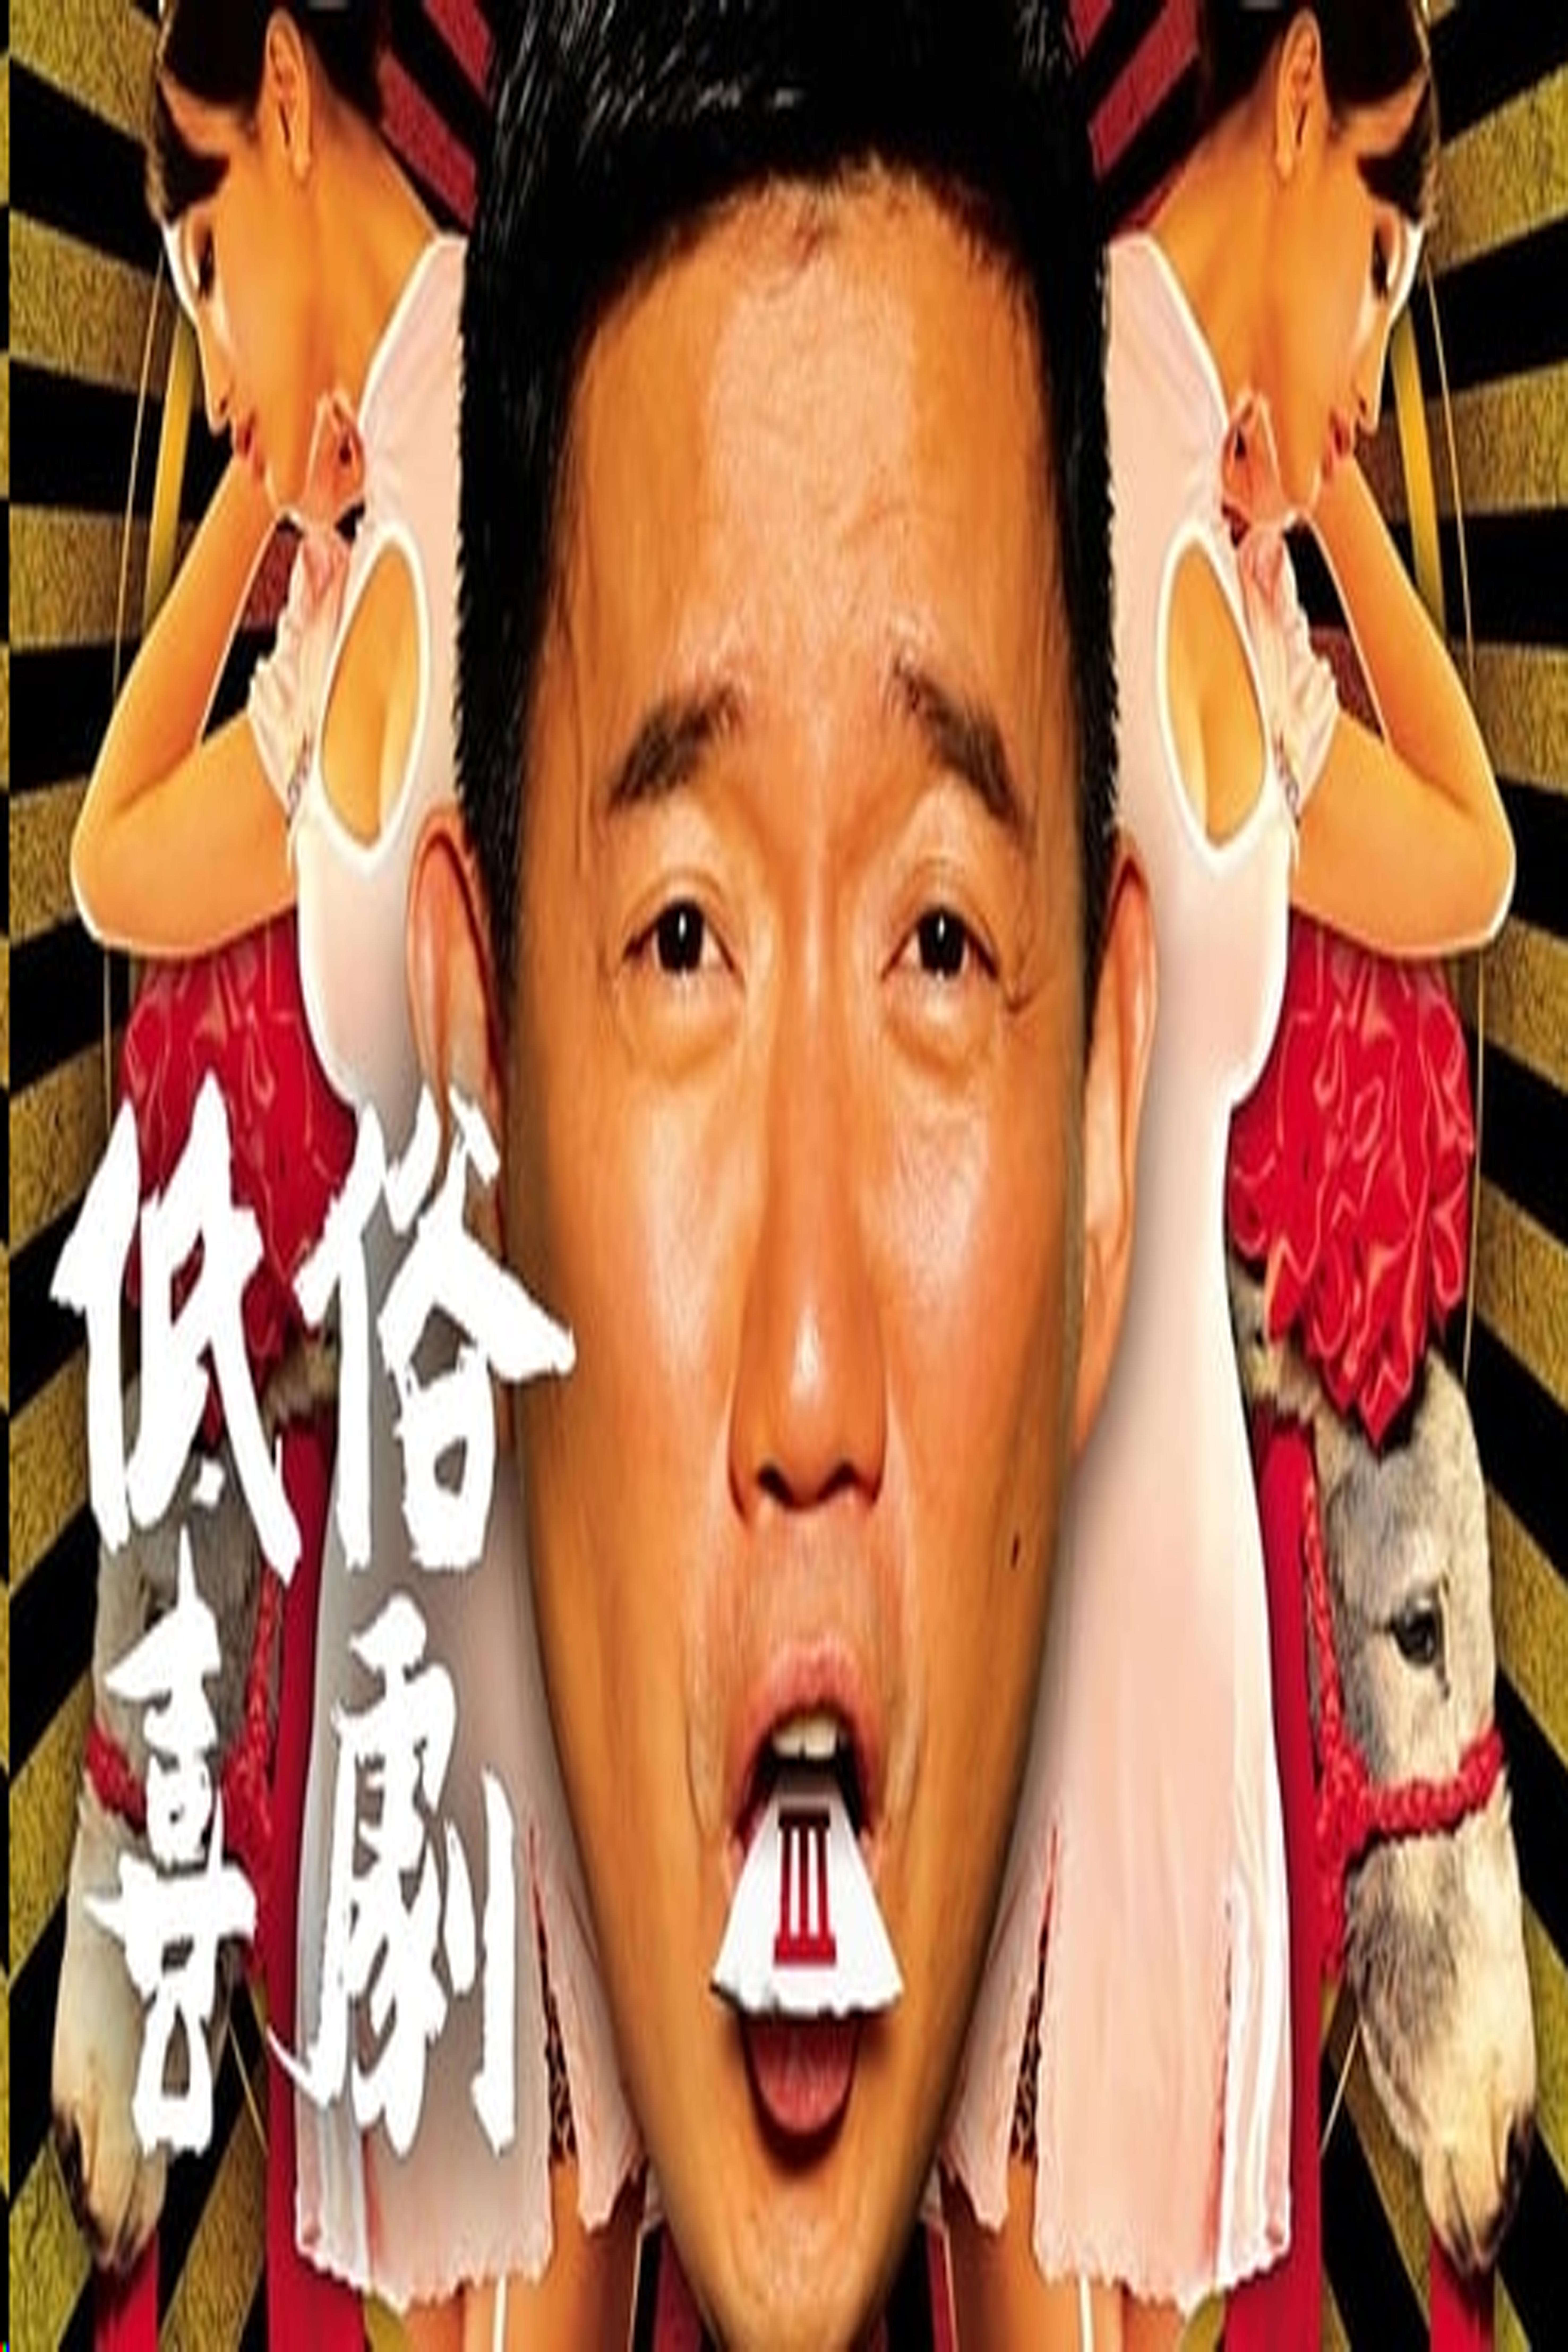 Vulgaria (Full Version) - 低俗喜劇 (足本版)